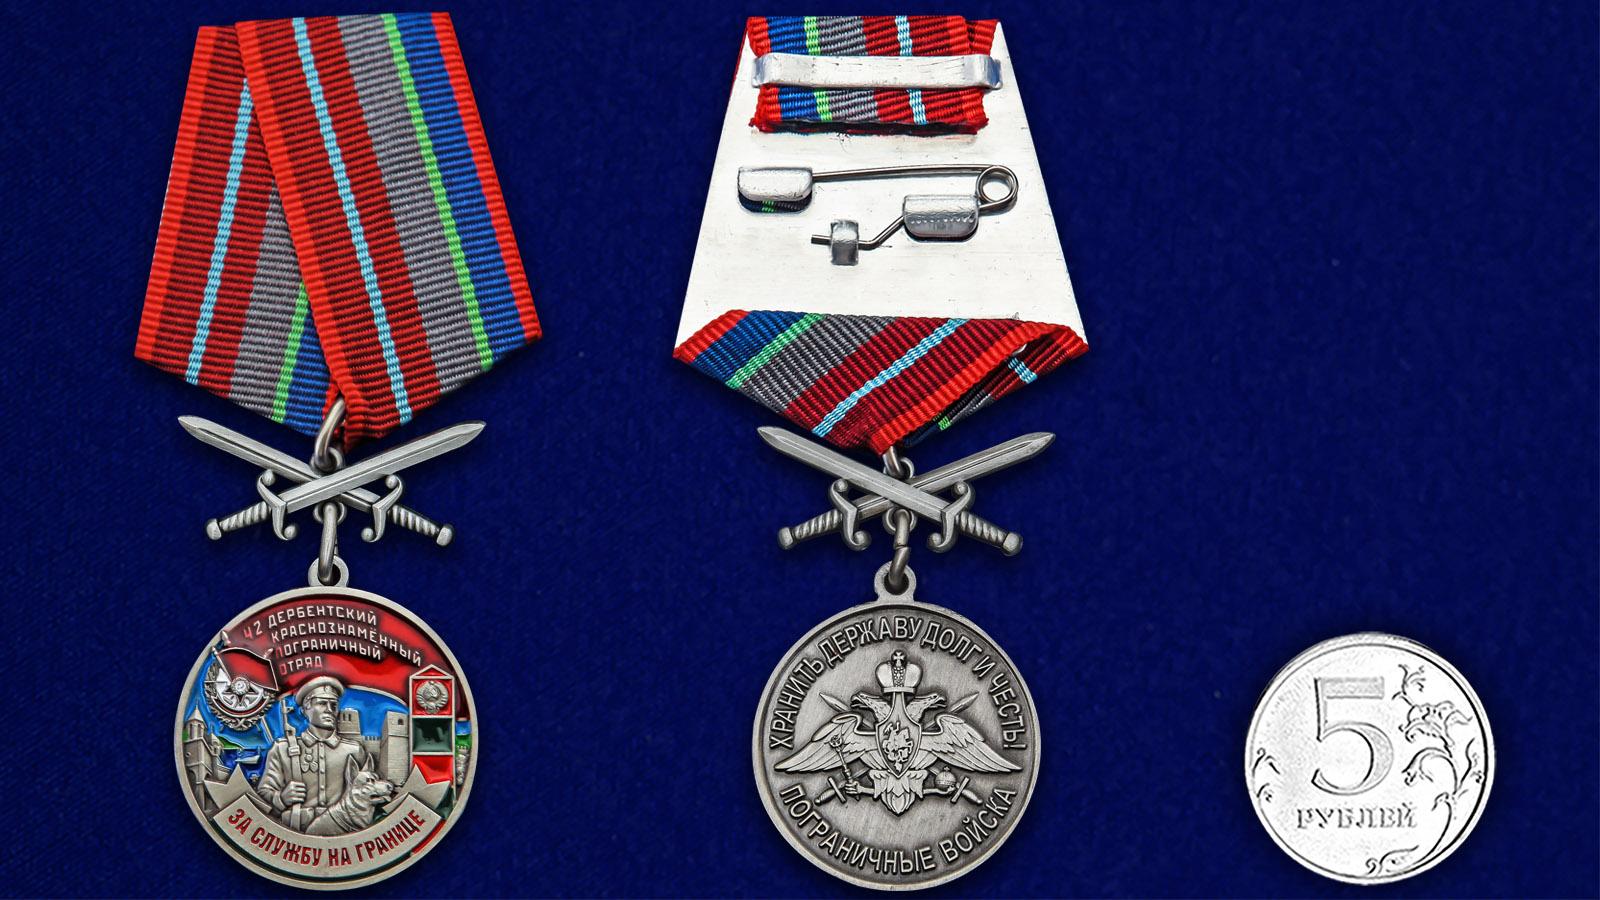 """Медаль За службу в Дербентском пограничном отряде"""" - сравнительный размер"""